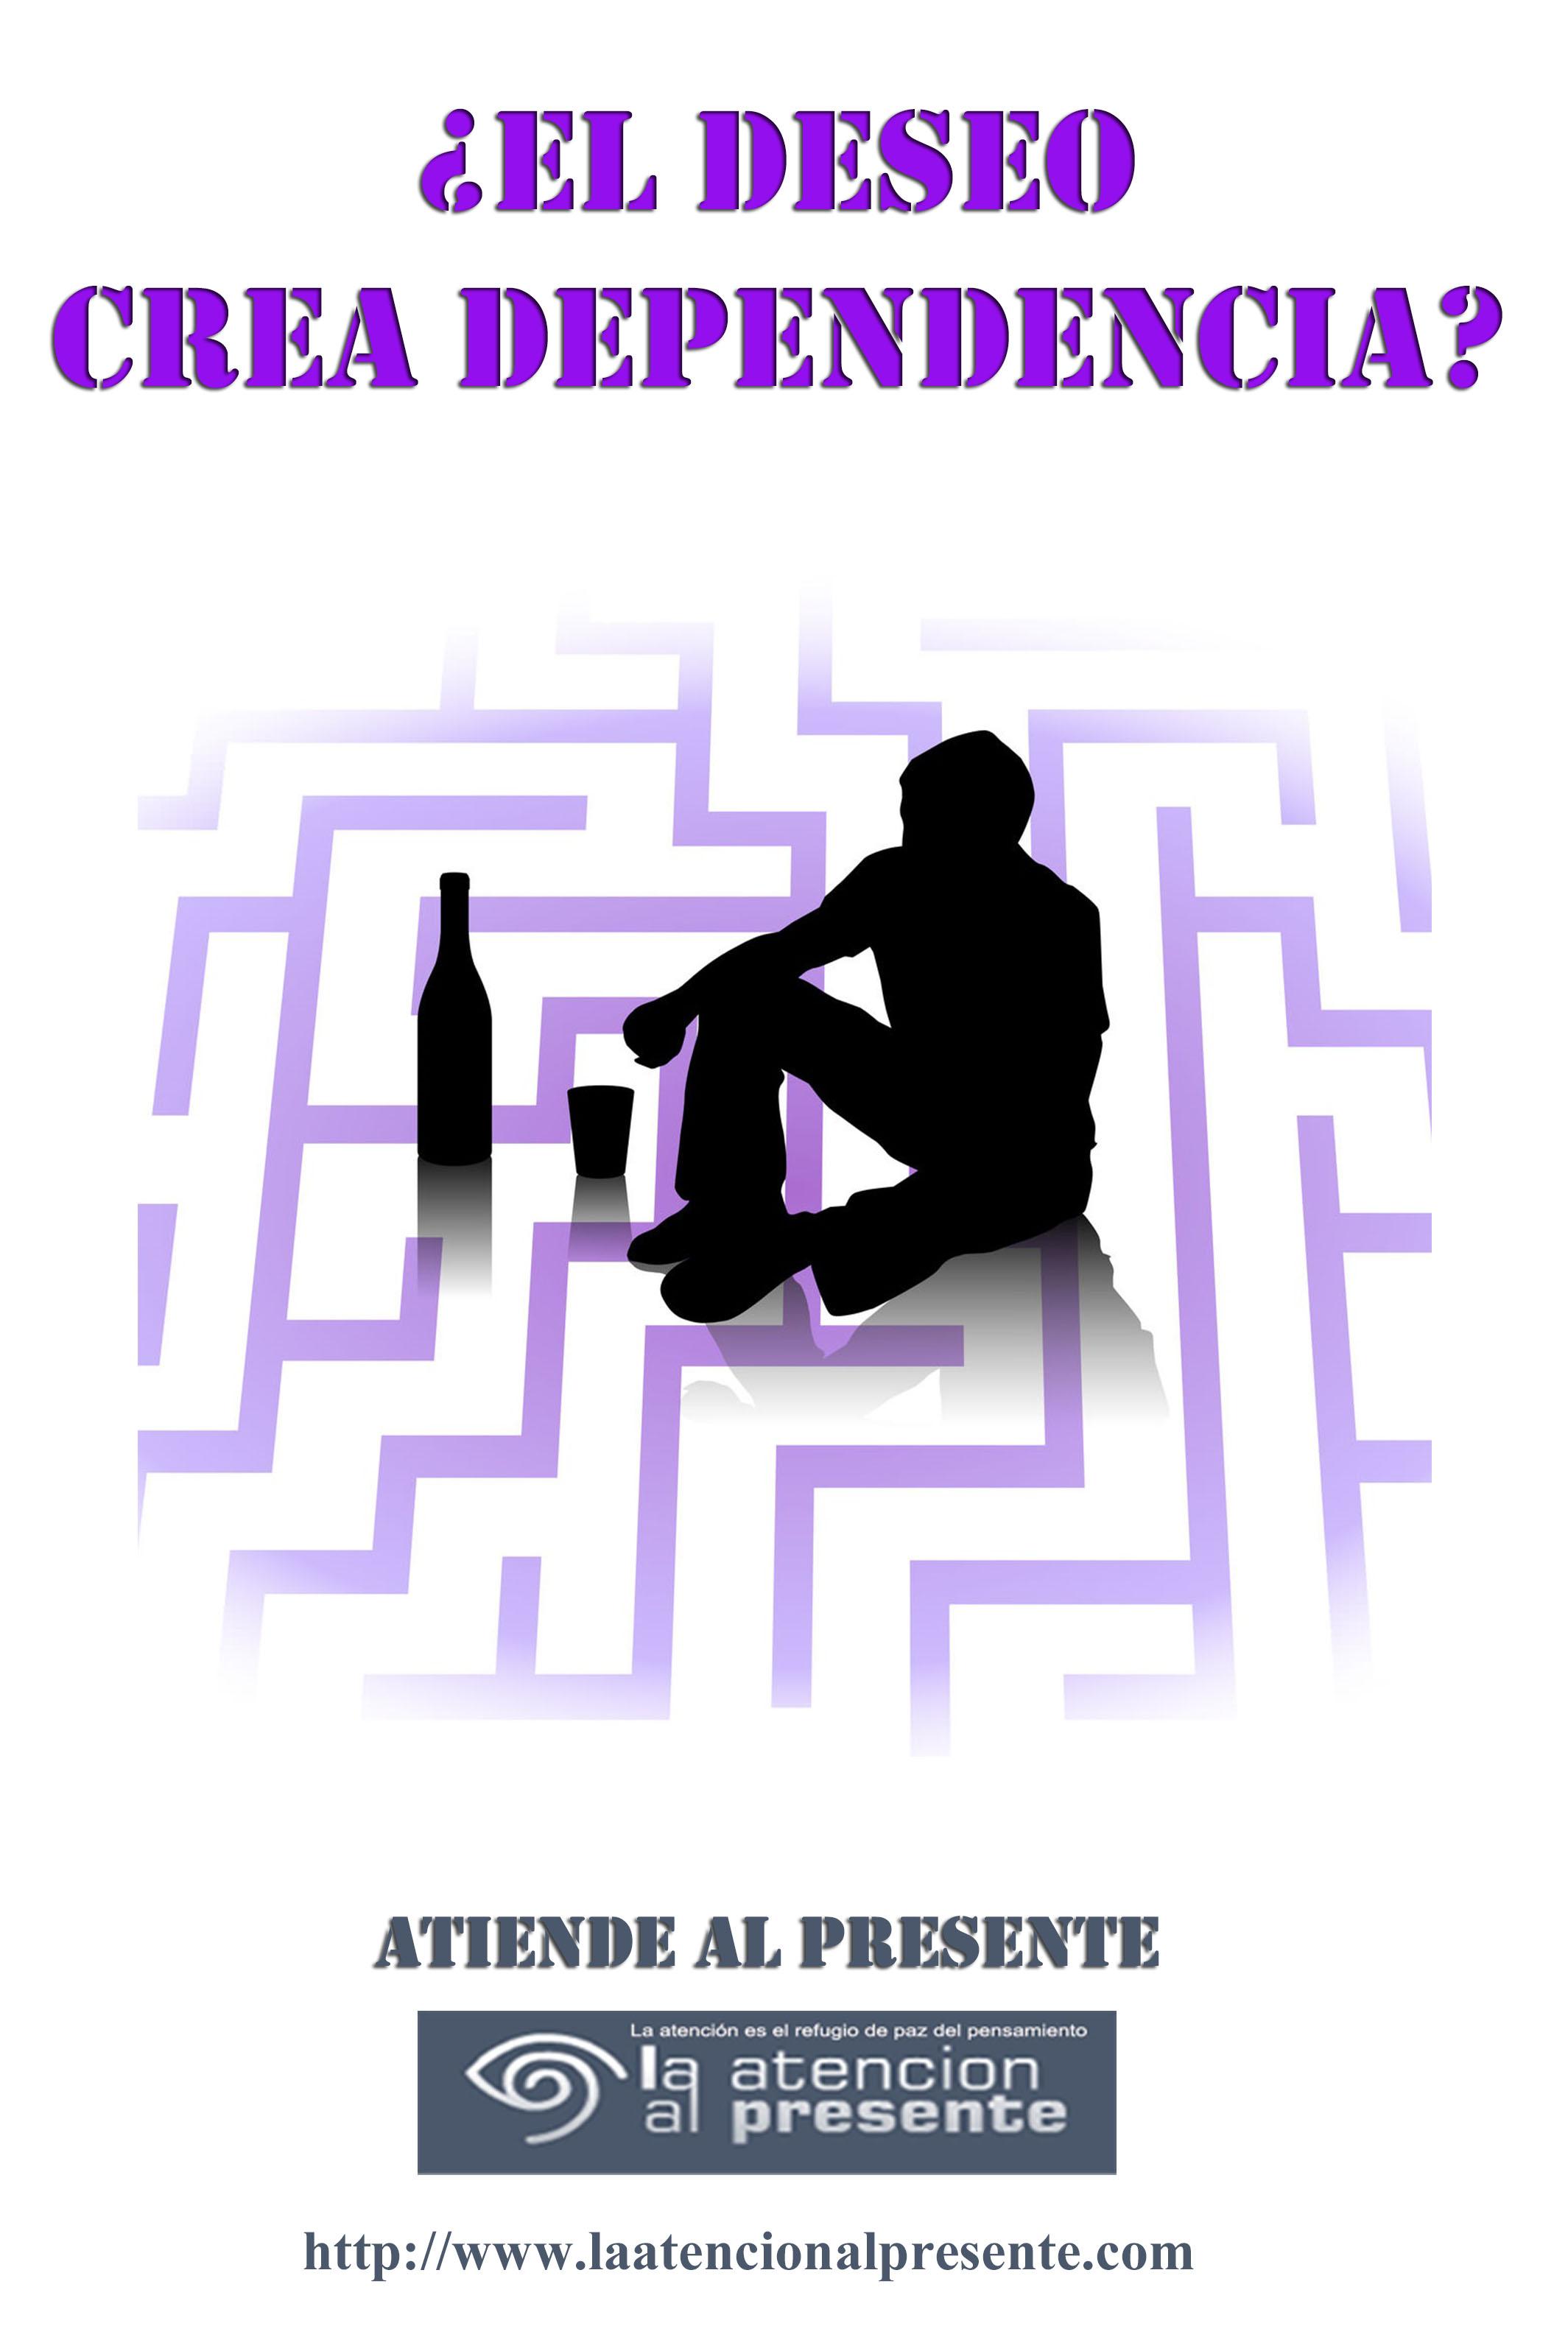 2 de juliop Pepe El deseo crea dependencia